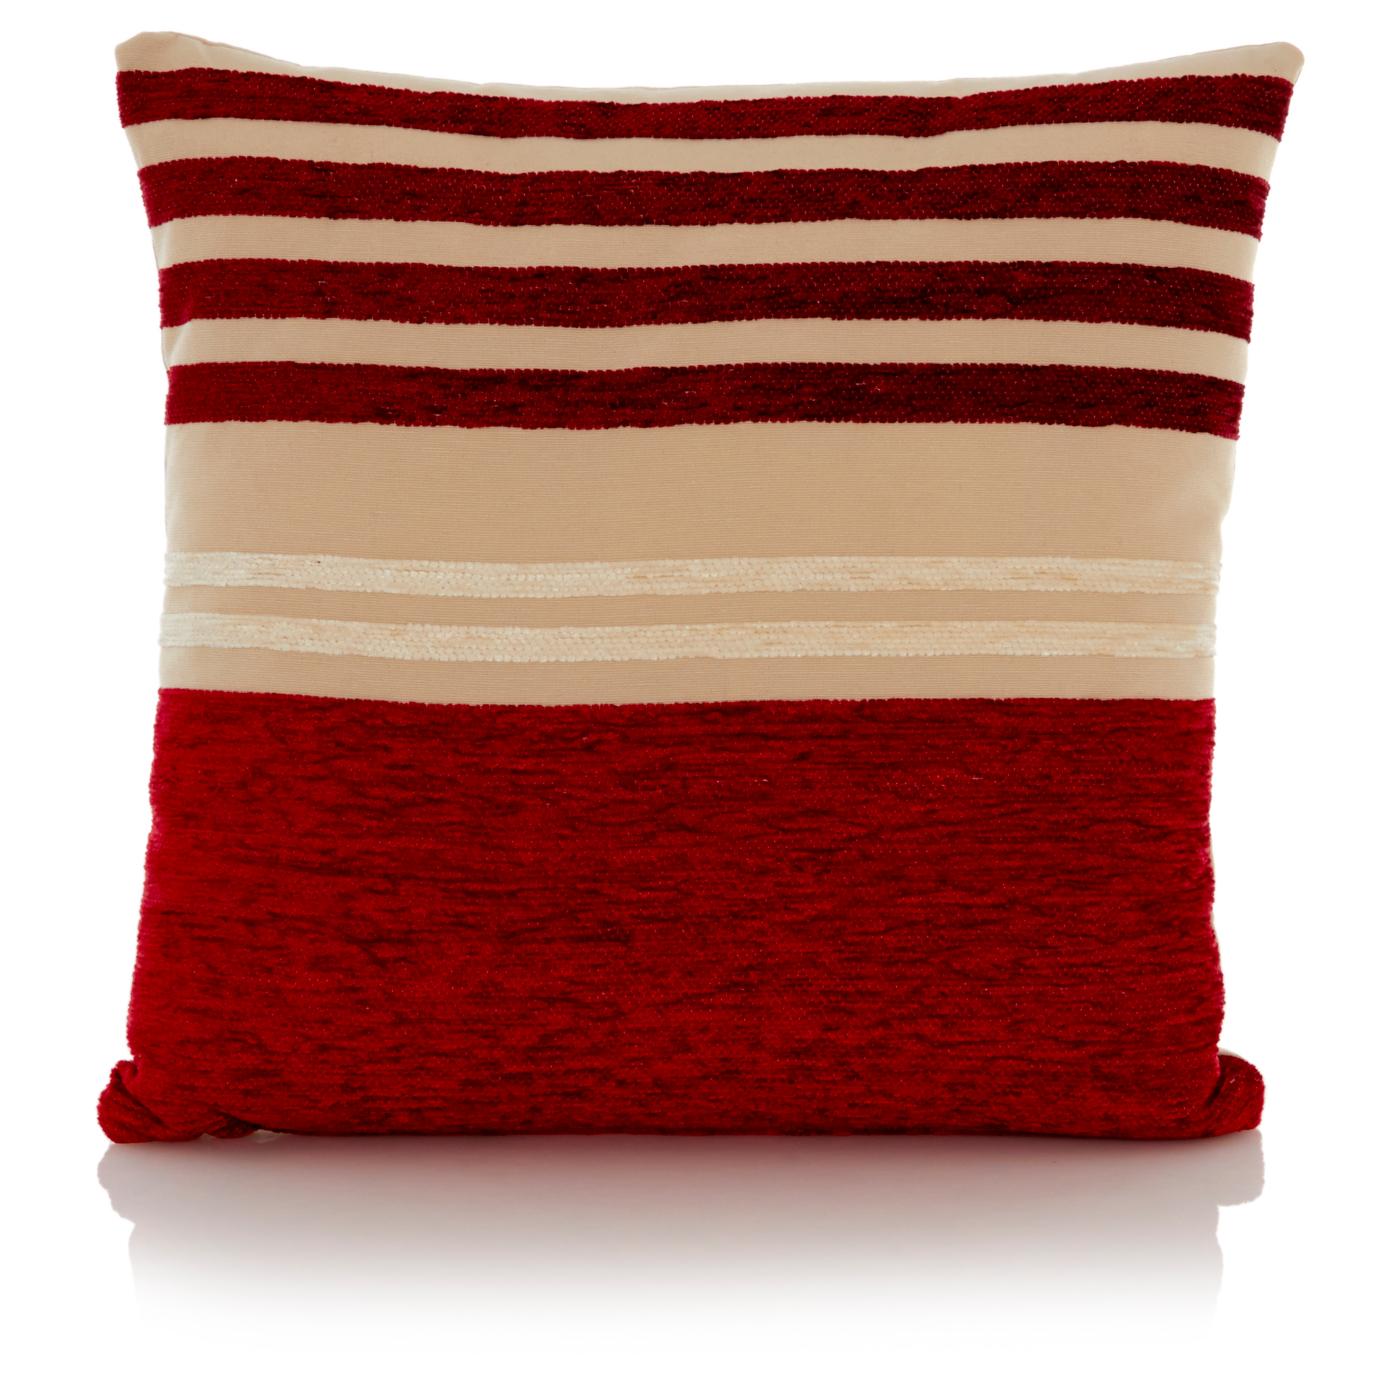 George Home Chenille Stripe Cushion 40x40cm Cushions